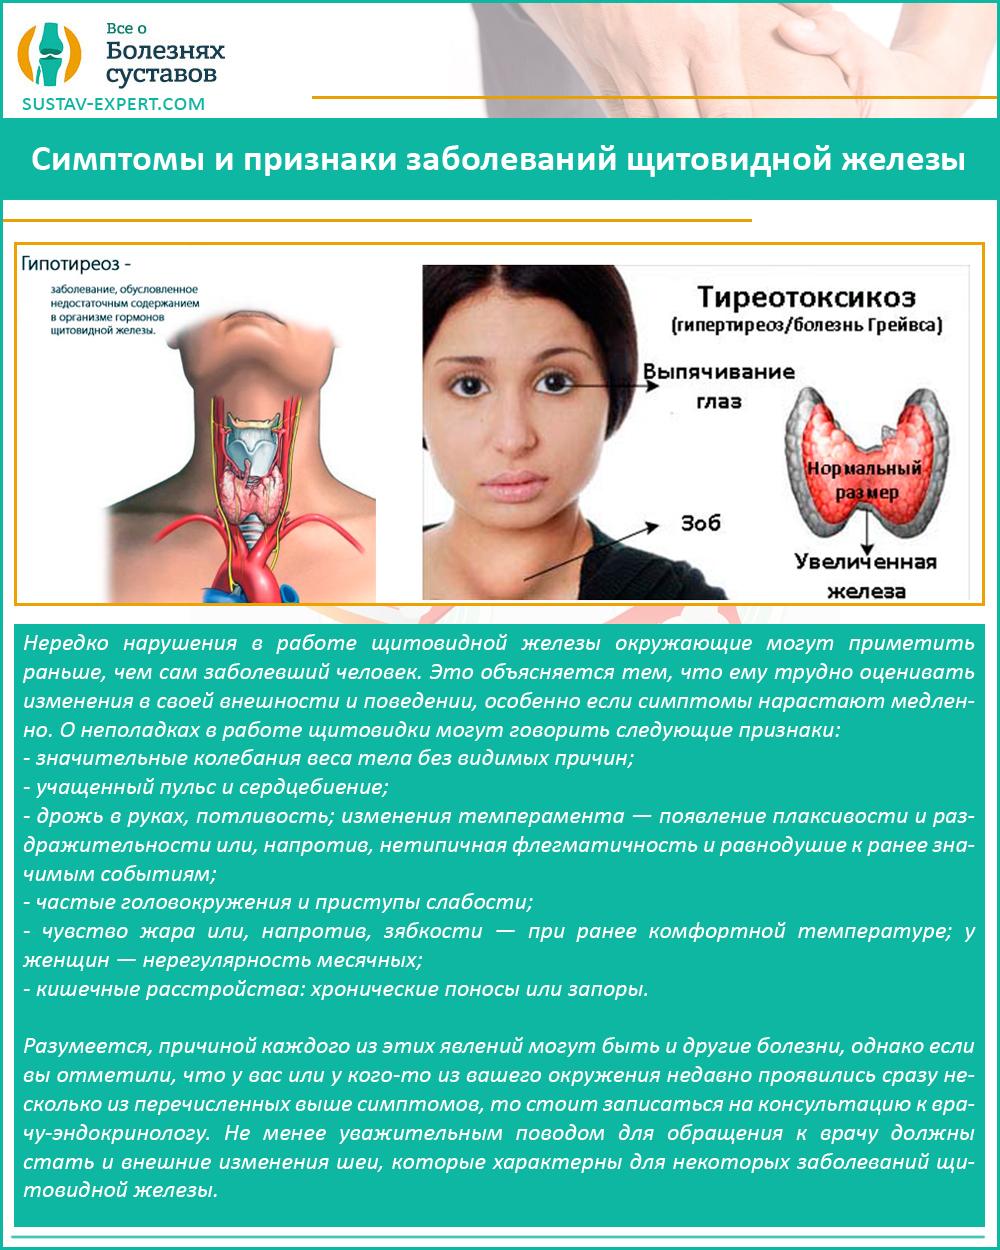 Симптомы и признаки заболеваний щитовидной железы